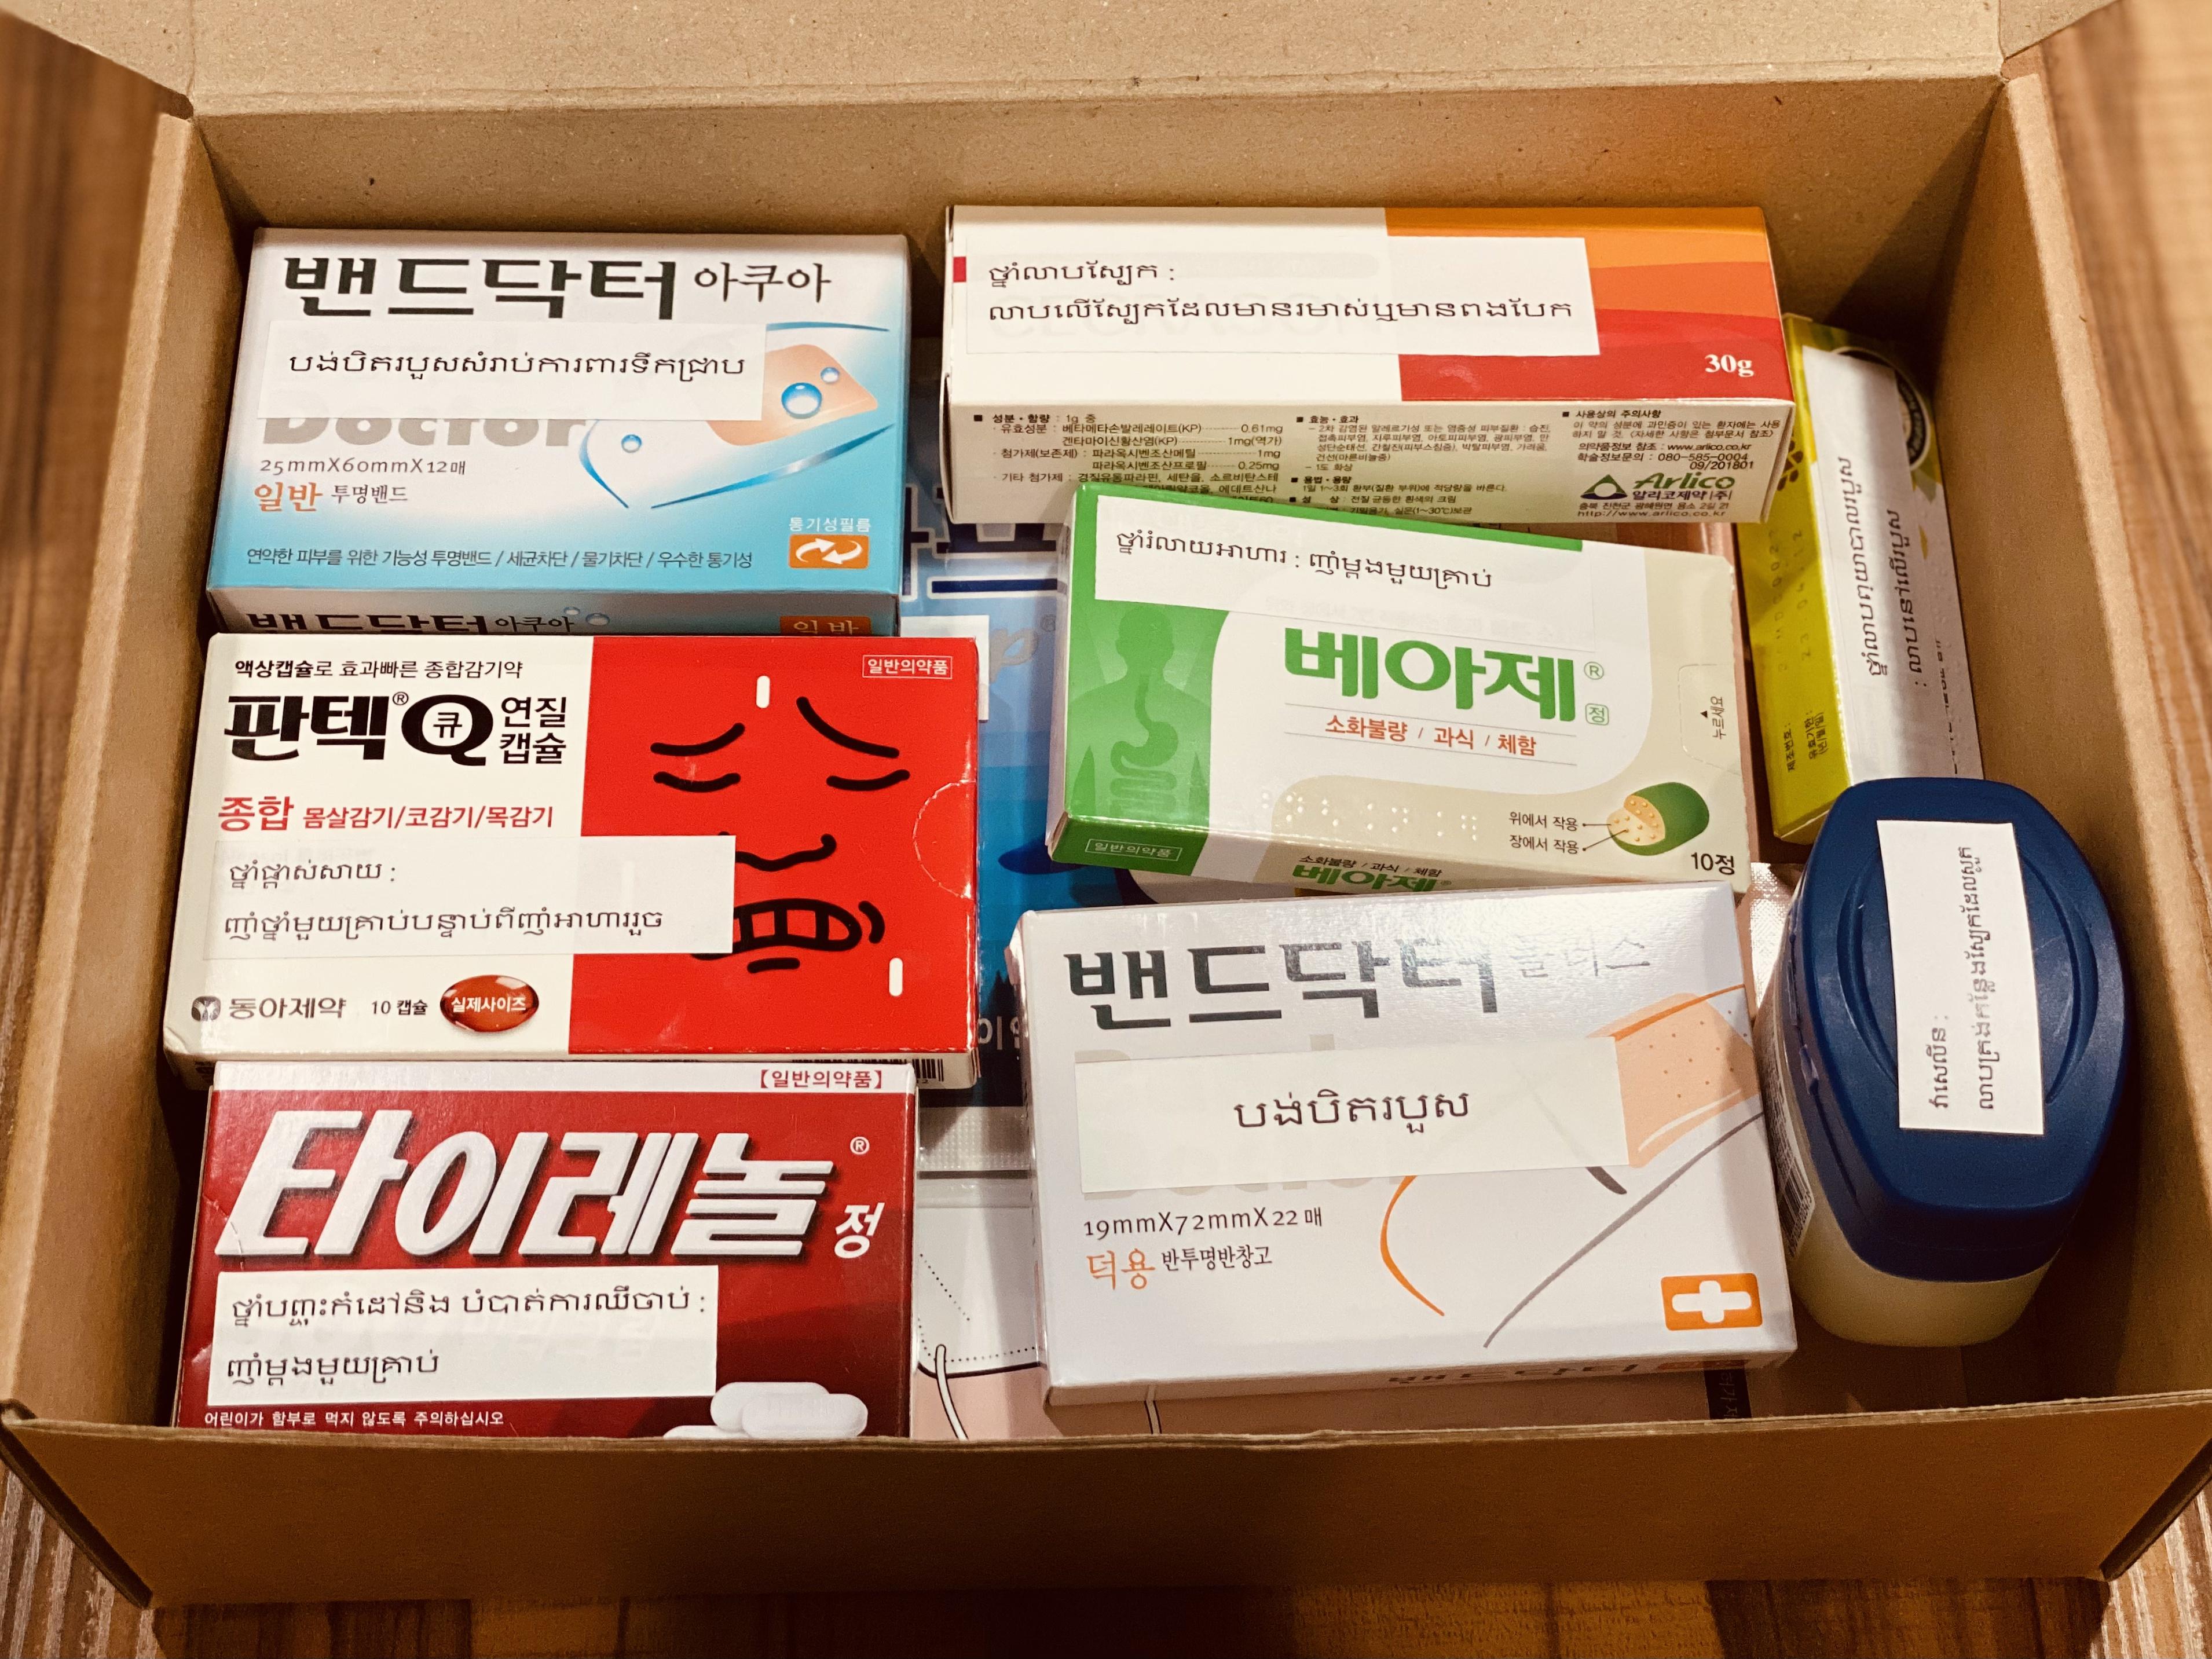 의약품 키트 안에 의약품이 담긴 사진입니다. 의약품 상자마다 캄보디아어로 된 의약품 사용설명이 부착되어 있습니다.